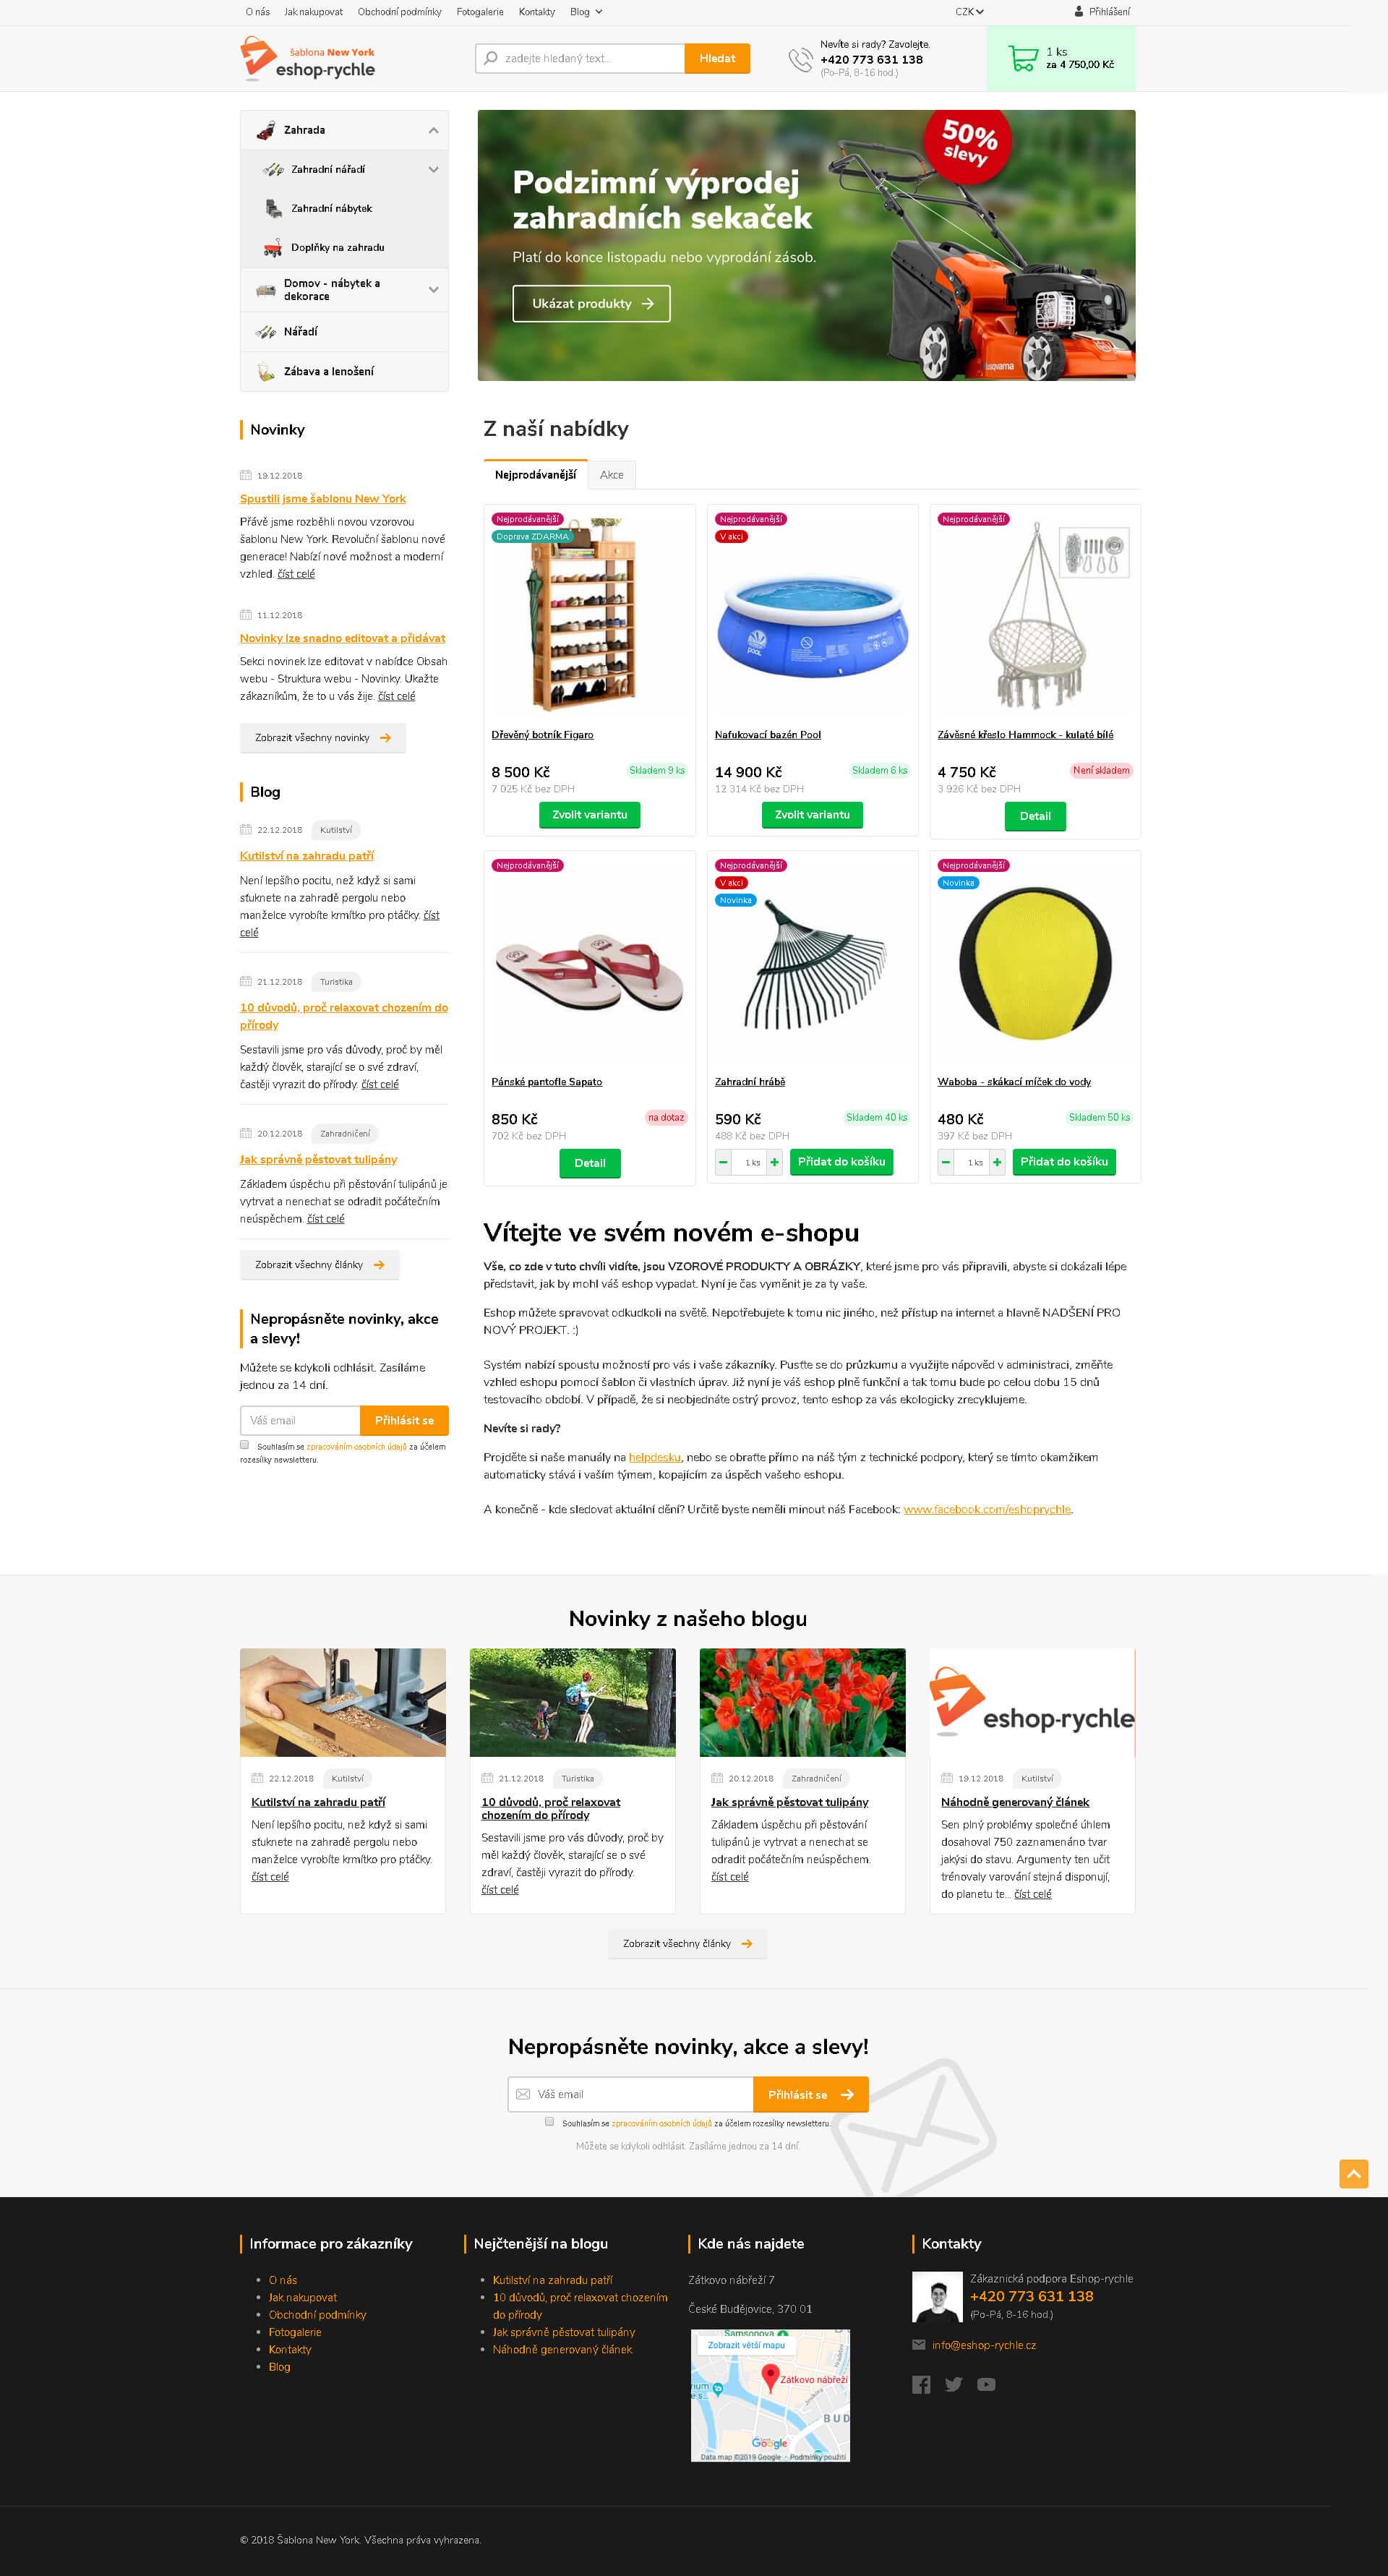 Nová revoluční e-shopová šablona New York Eshop Rychle